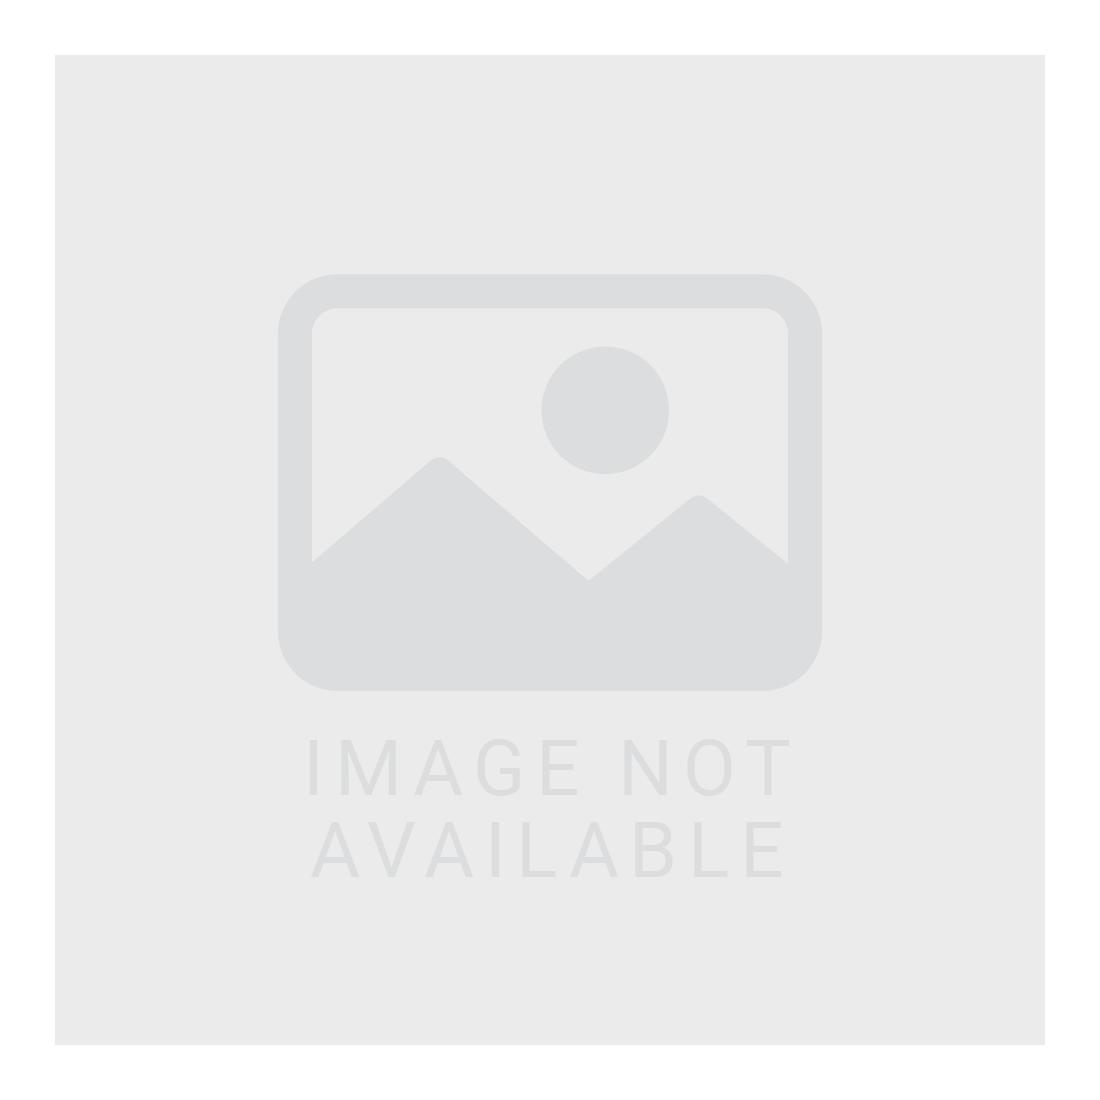 Genuine Parts Magnet